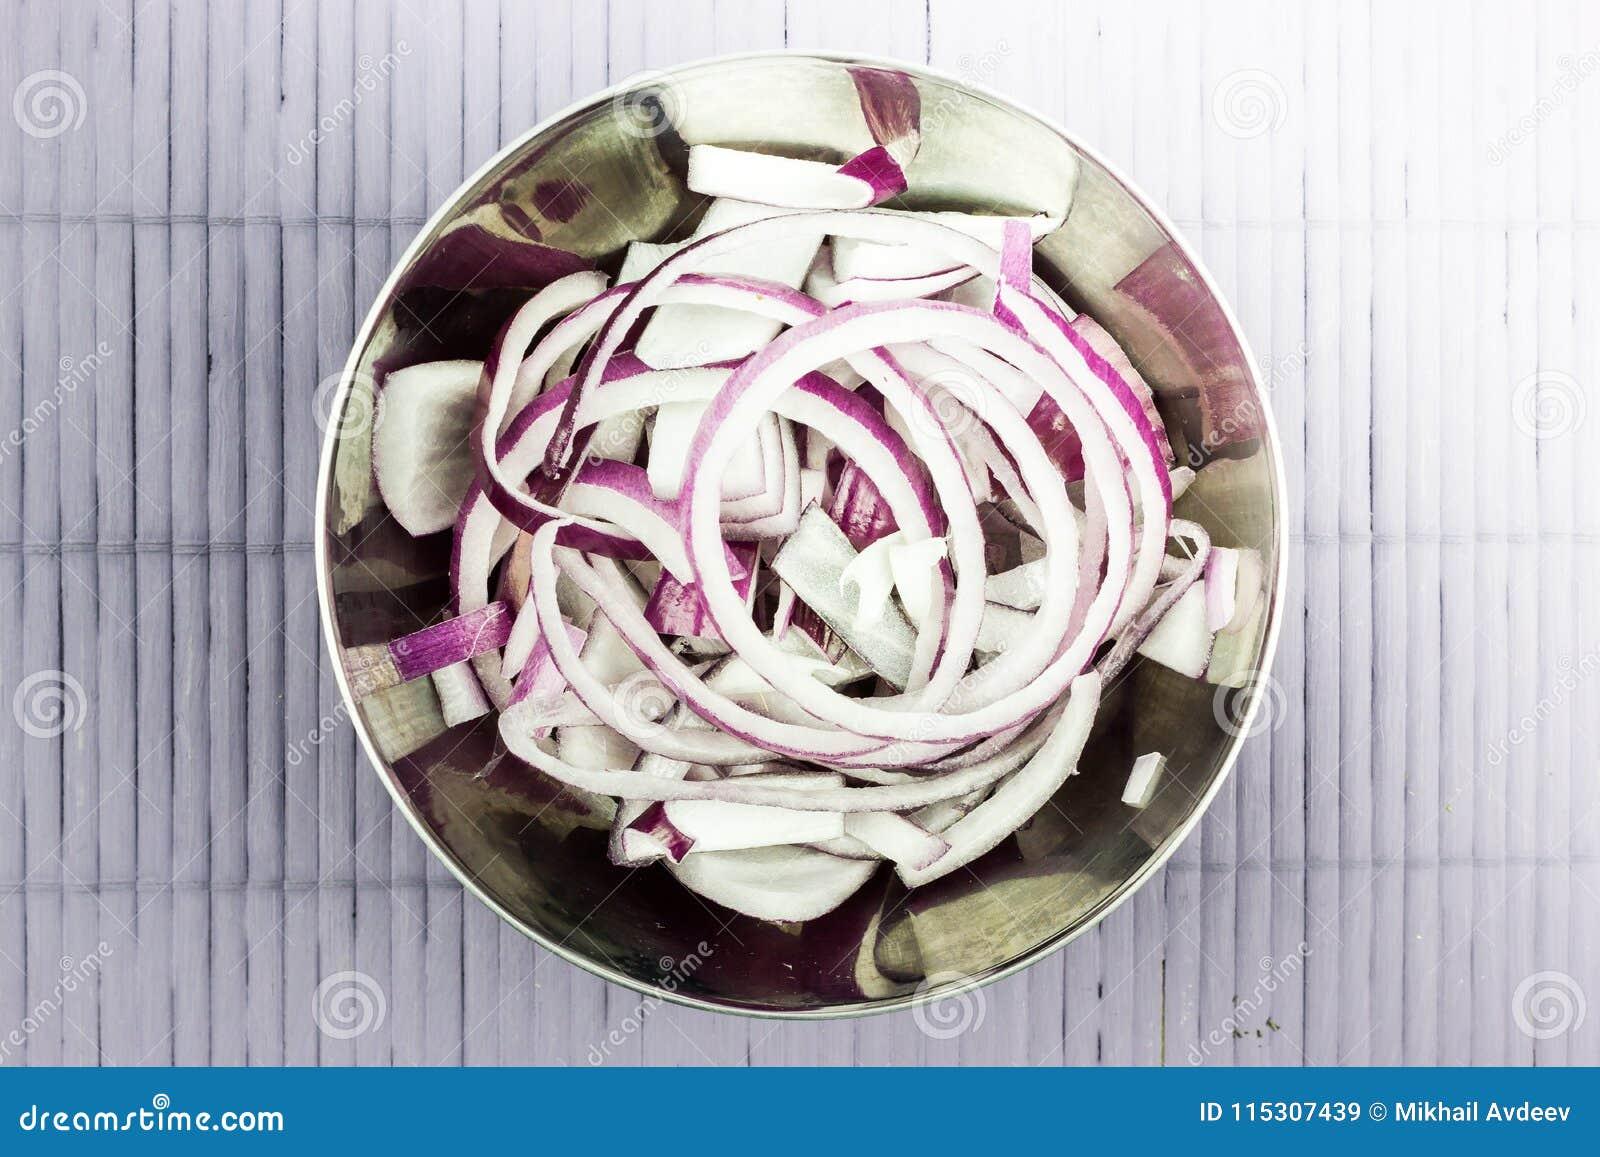 Ringe von purpurroten Zwiebeln in einem Metall rollen